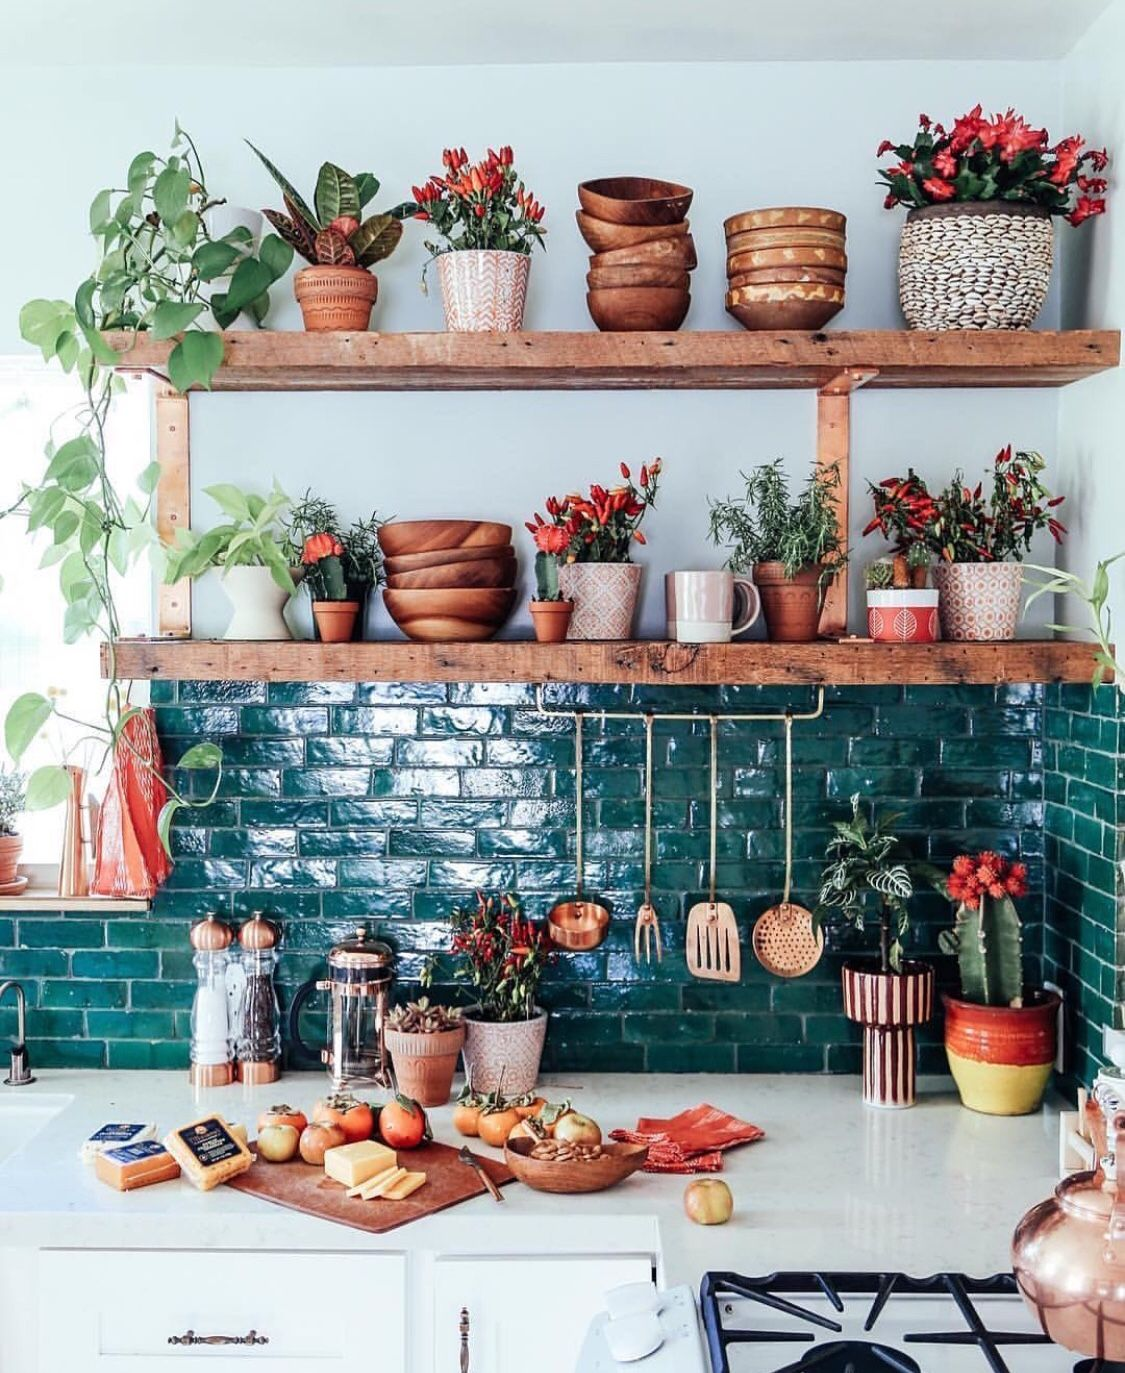 thejungalow deco  Idée déco cuisine, Intérieur moderne de cuisine